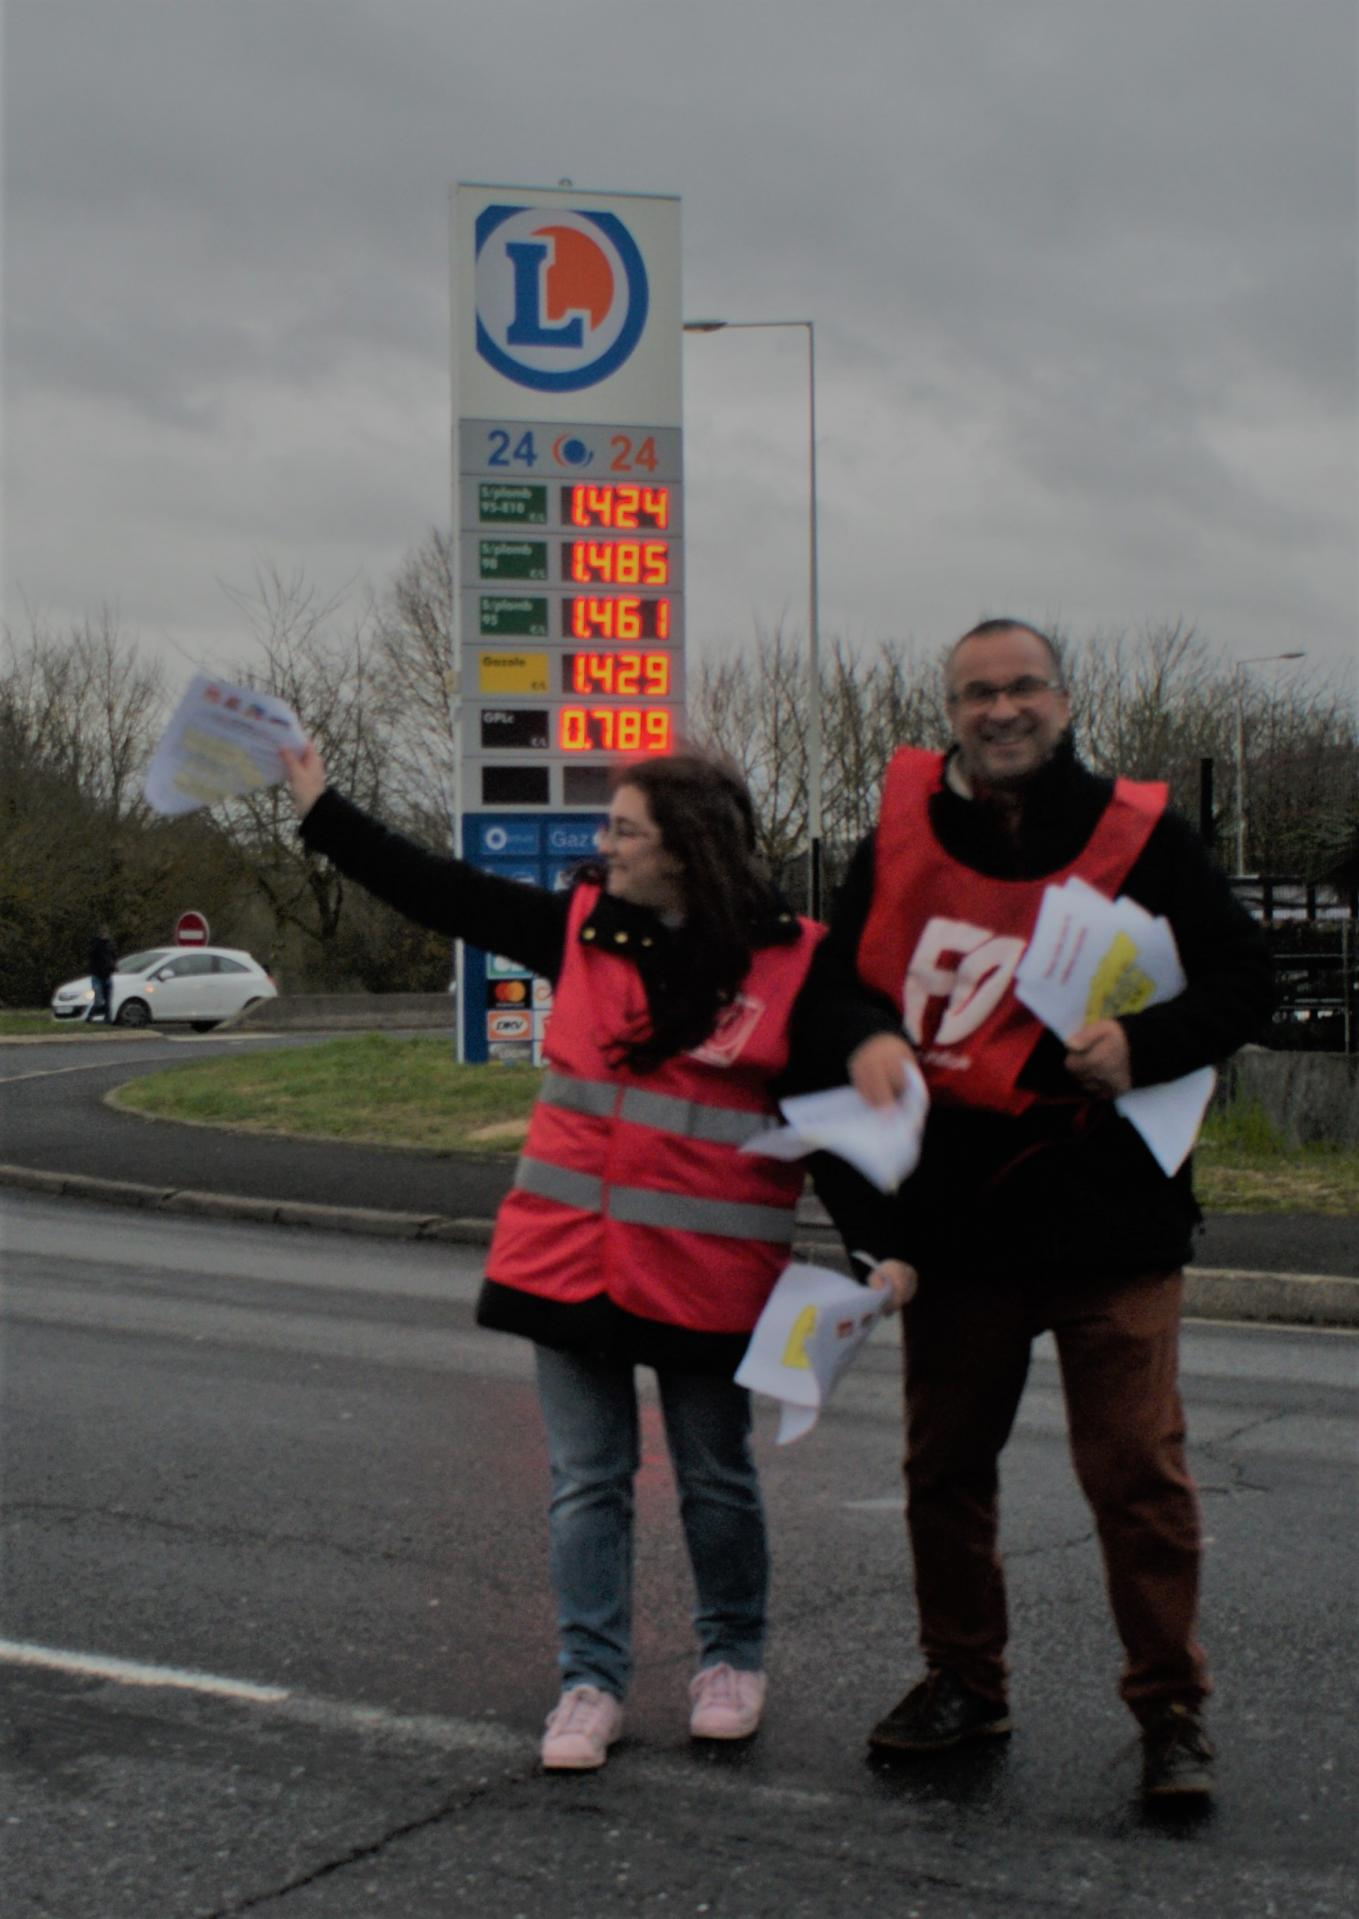 Tractage du 15-03-2019 - Rond-Point de Leclerc St-Brice